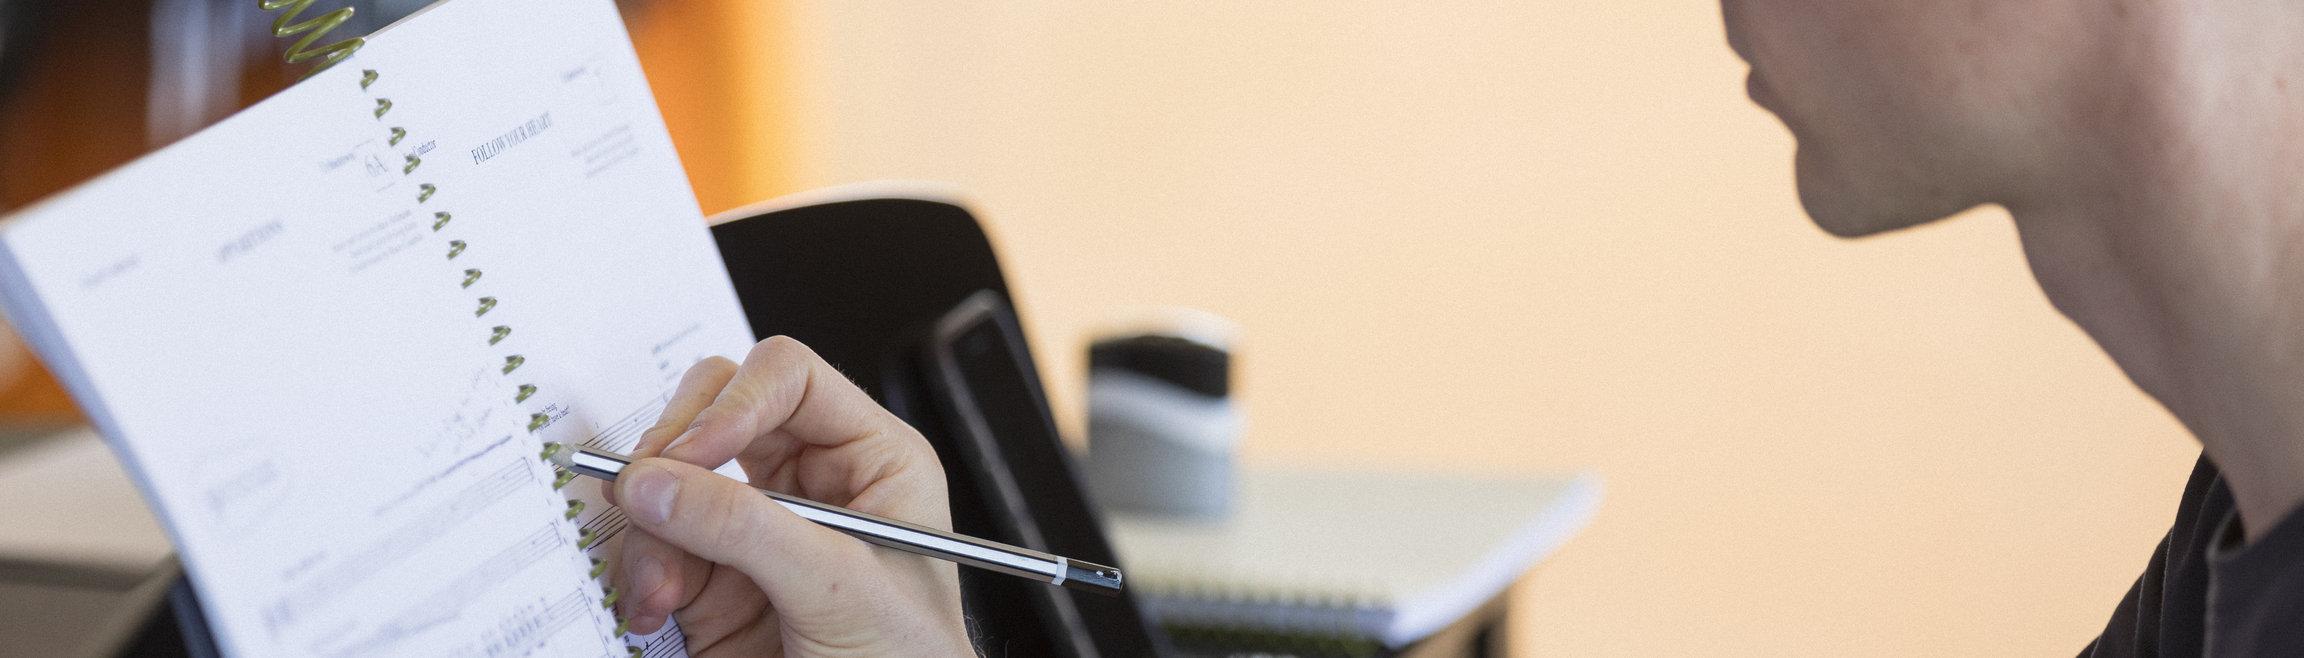 En person sitter med penna i handen och skriver i ett block.